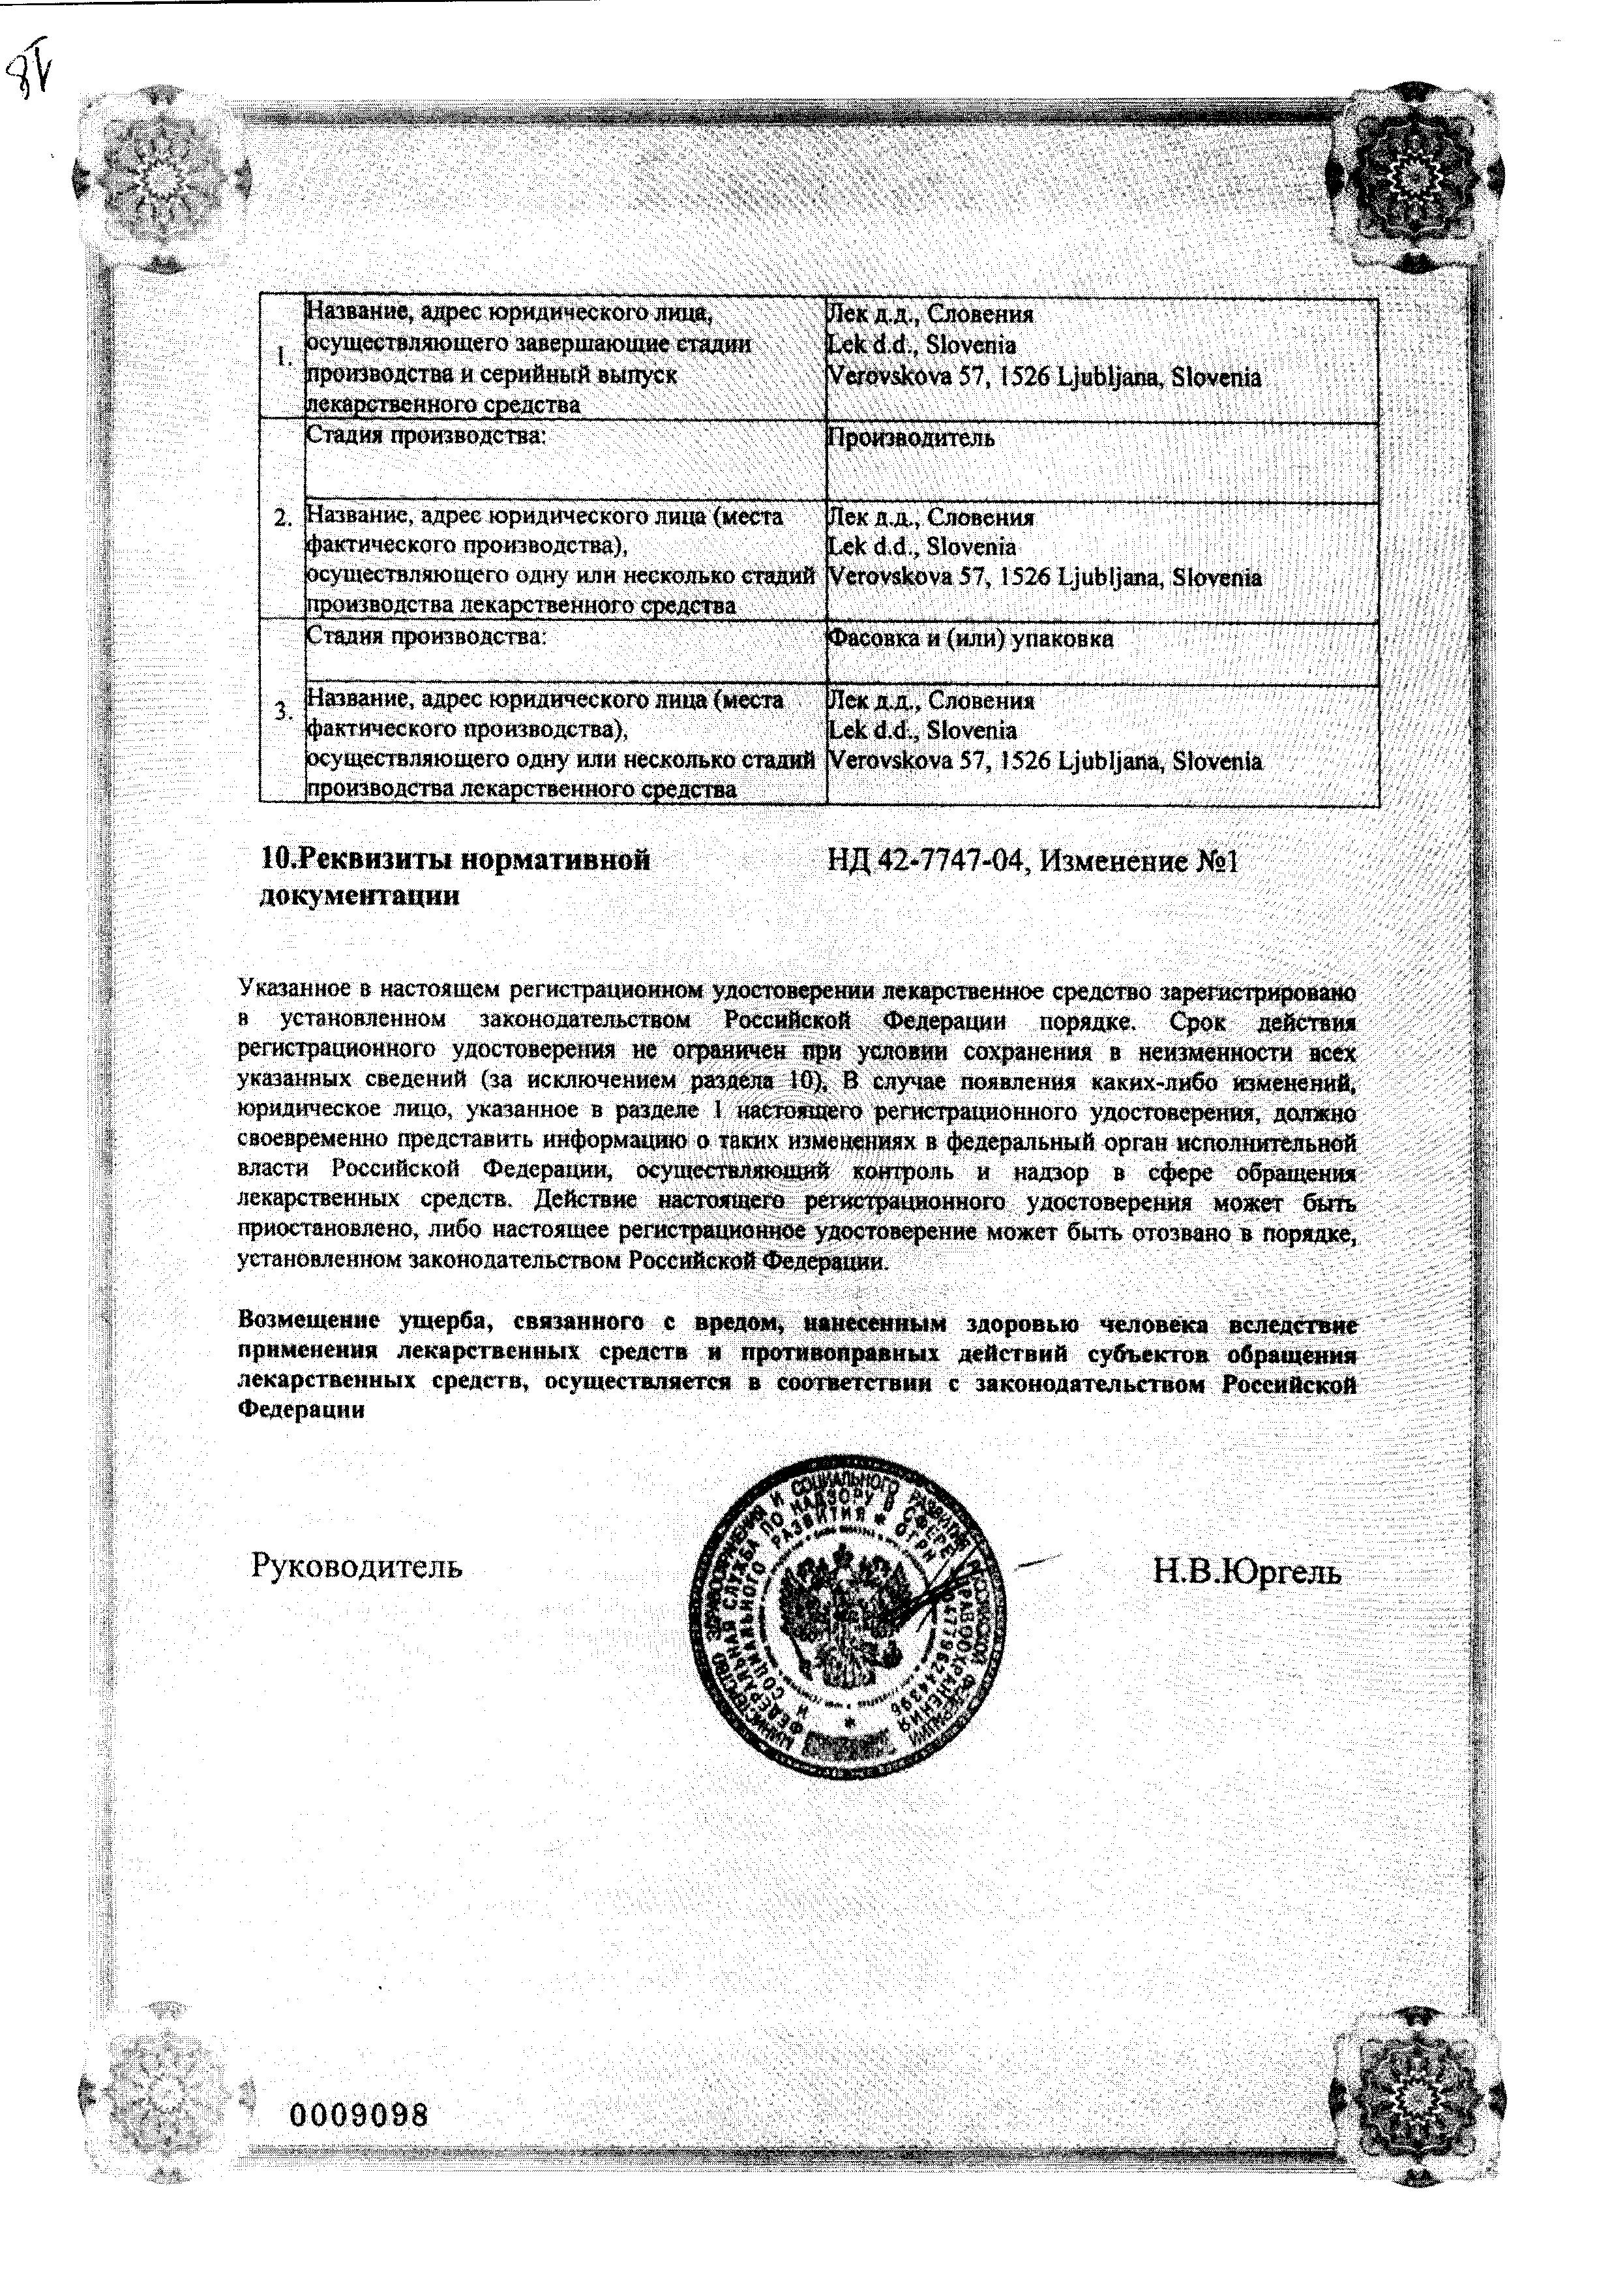 Корнам сертификат